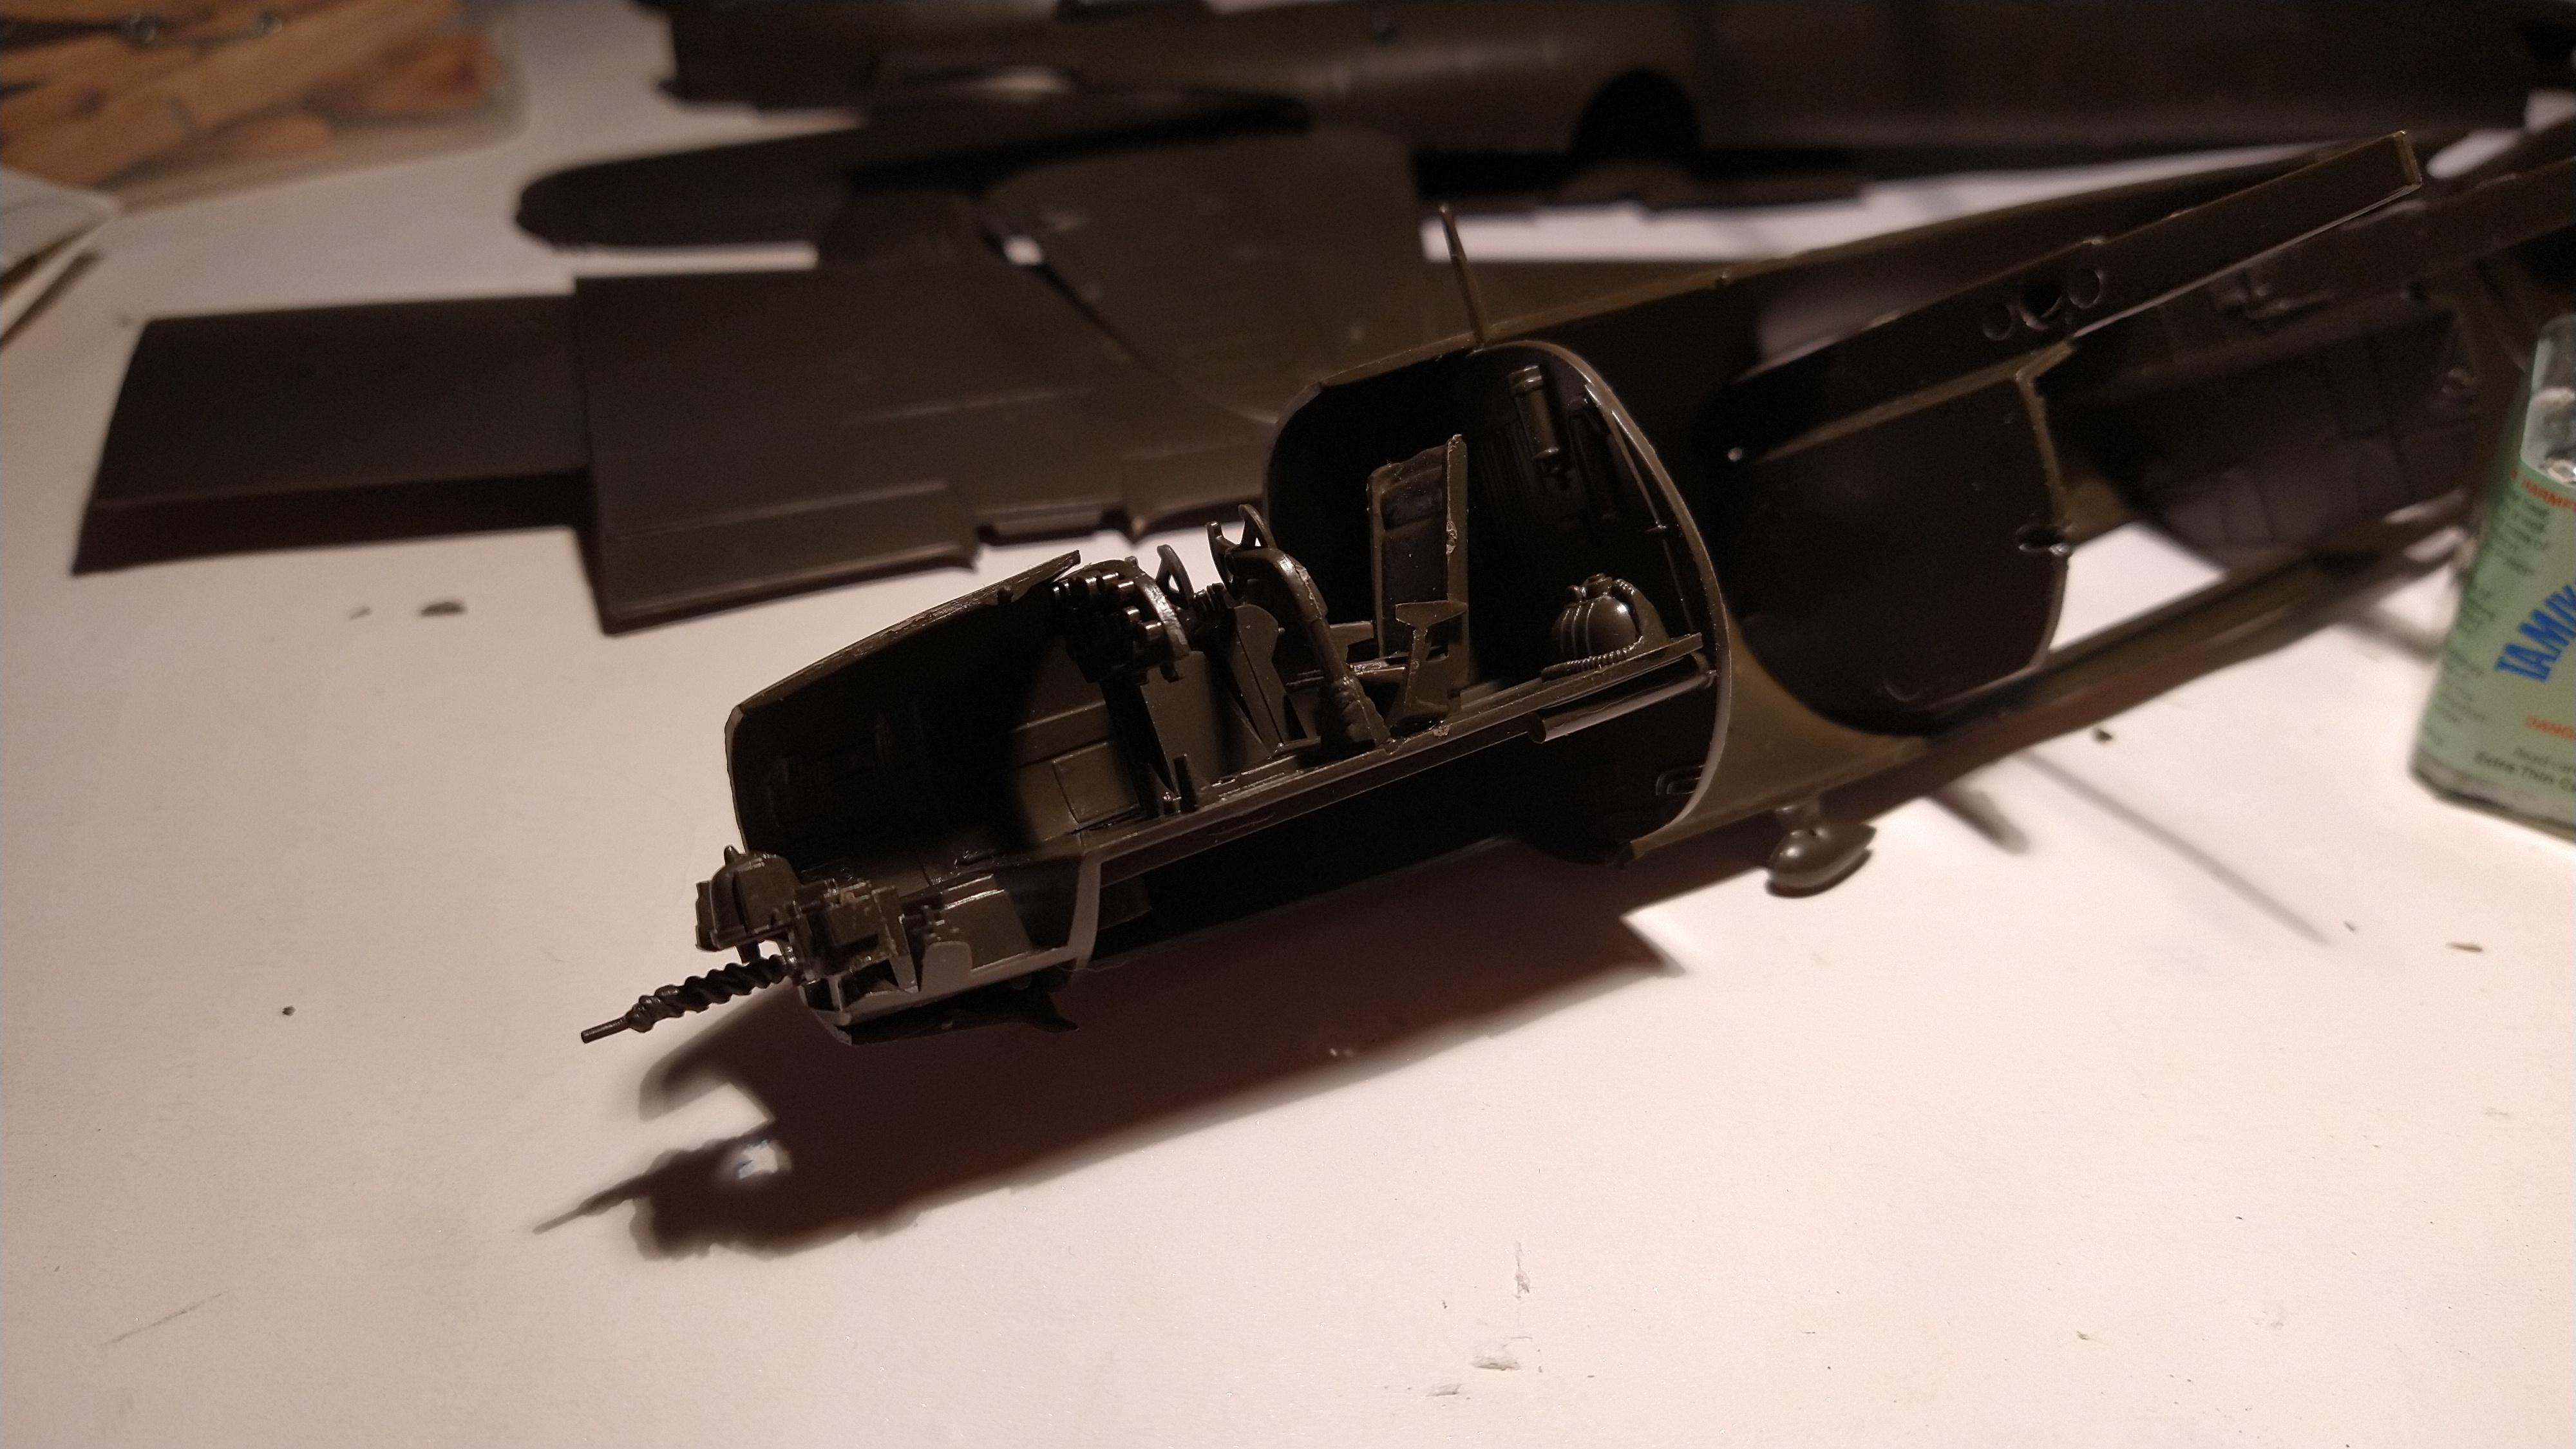 Cockpit assembly